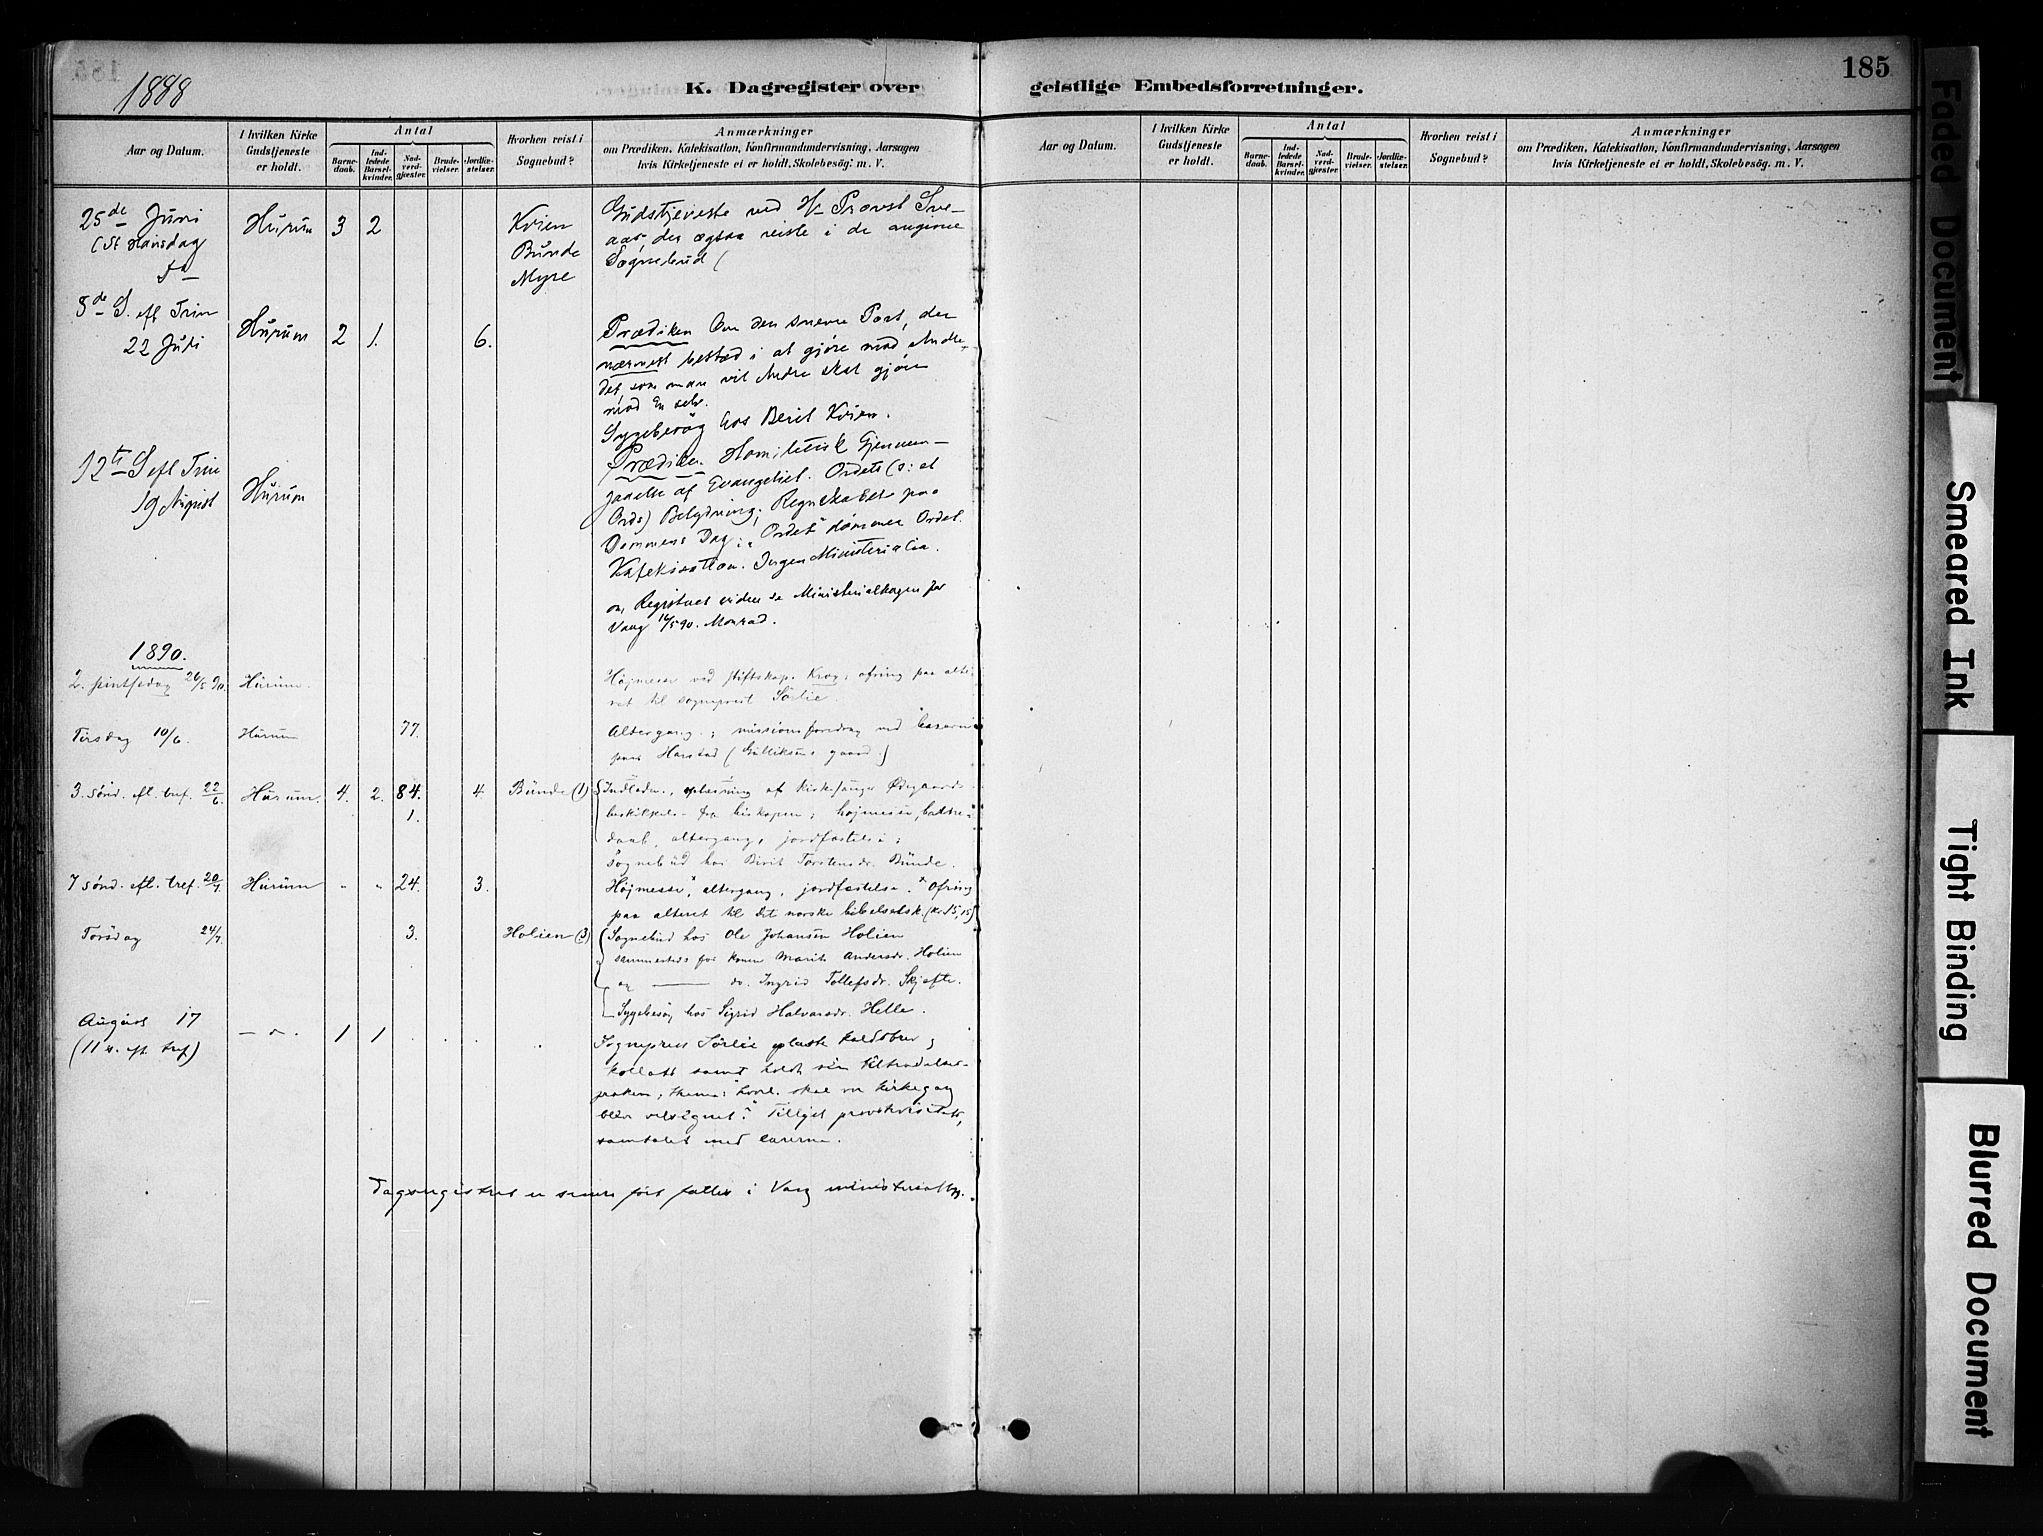 SAH, Vang prestekontor, Valdres, Ministerialbok nr. 9, 1882-1914, s. 185